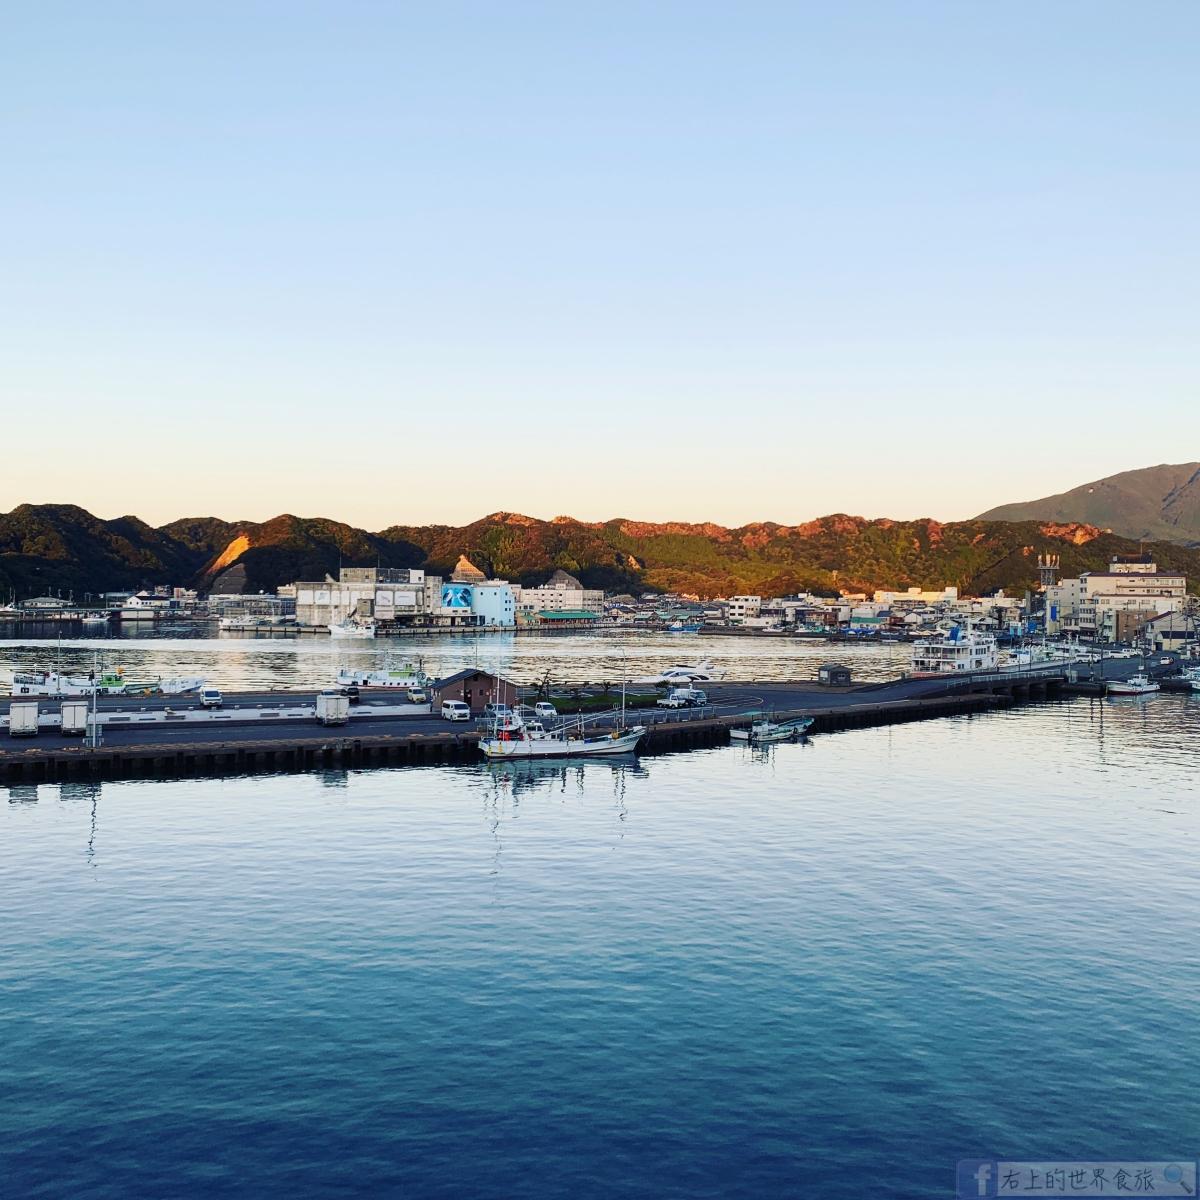 和歌山 紀伊勝浦溫泉-天然洞窟大浴池.整座島都是飯店:浦島HOTEL @右上的世界食旅